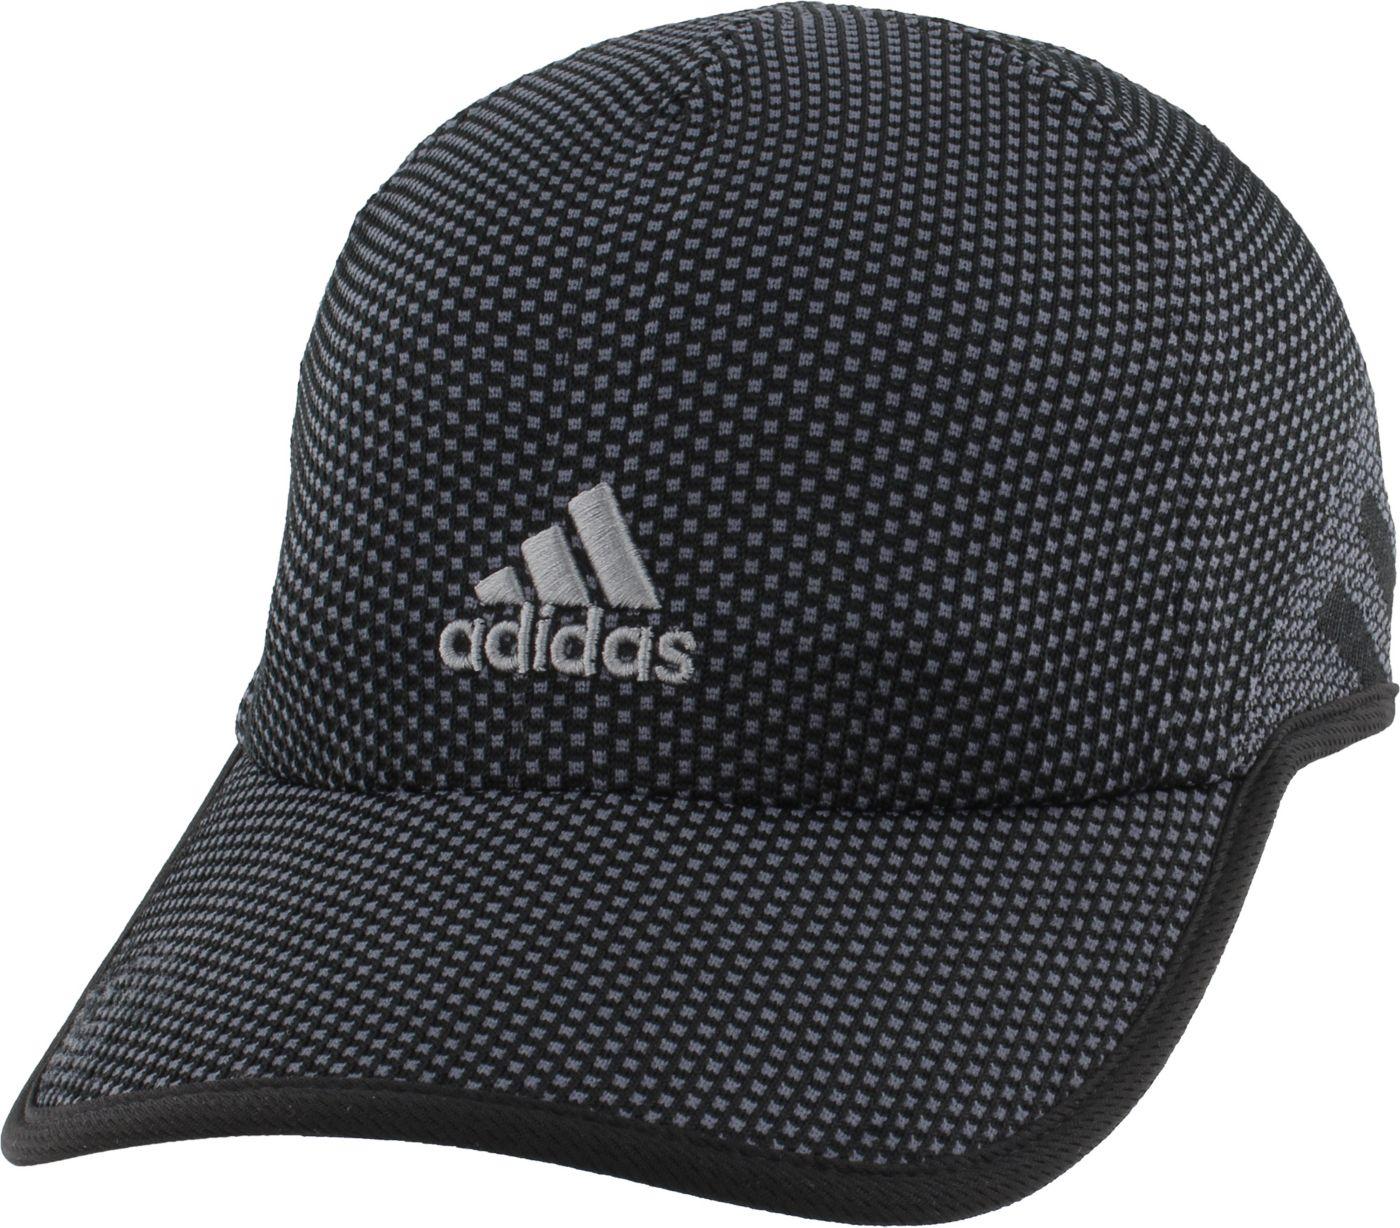 adidas Men's Superlite Prime III Hat